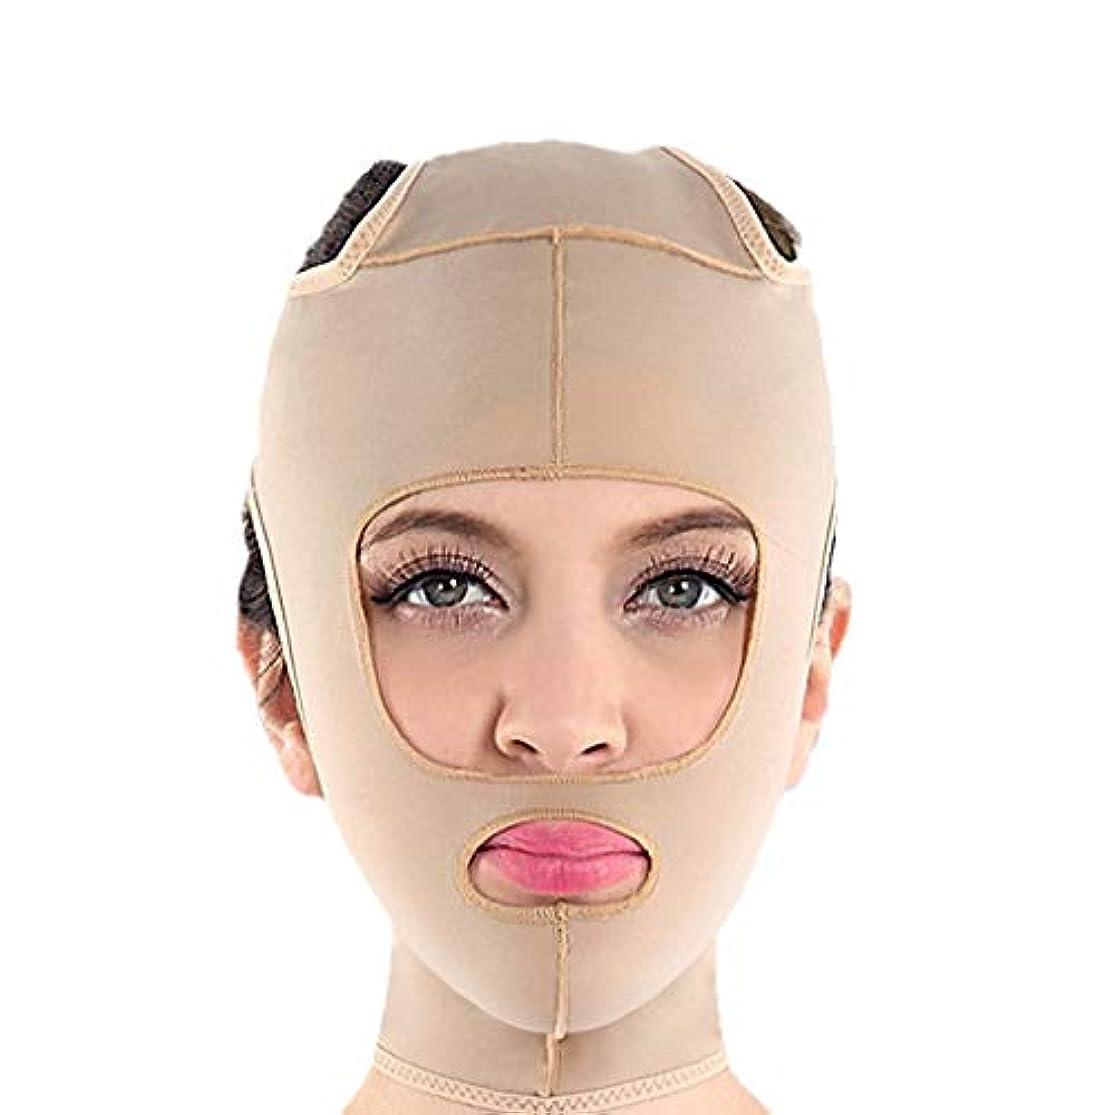 賞賛電子レンジ幽霊XHLMRMJ フェイスリフティング、ダブルチンストラップ、フェイシャル減量マスク、ダブルチンを減らすリフティングヌードル、ファーミングフェイス、パワフルリフティングマスク (Size : L)